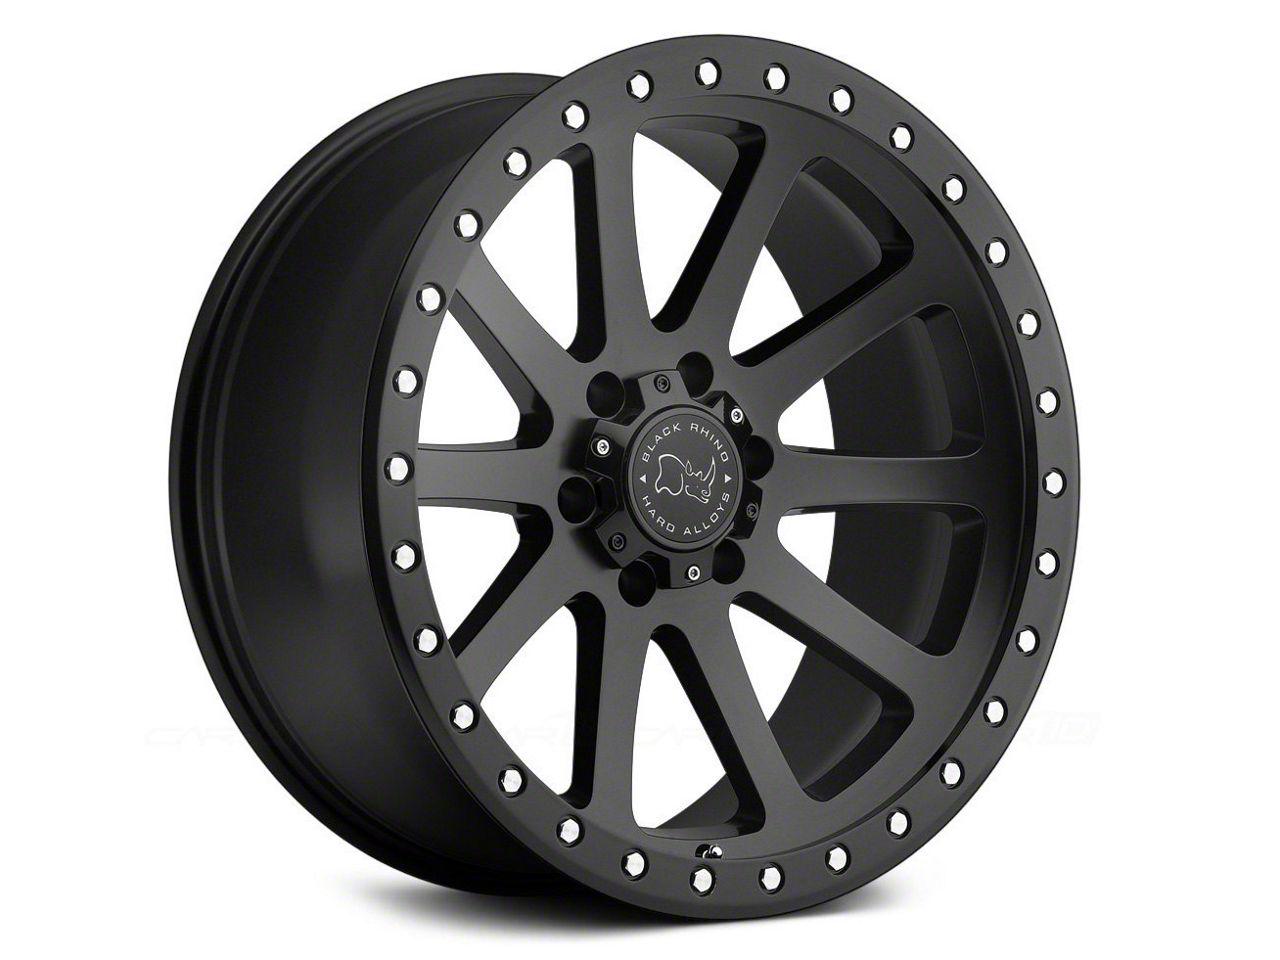 Black Rhino Mint Matte Black 6-Lug Wheel - 20x10 (99-18 Silverado 1500)